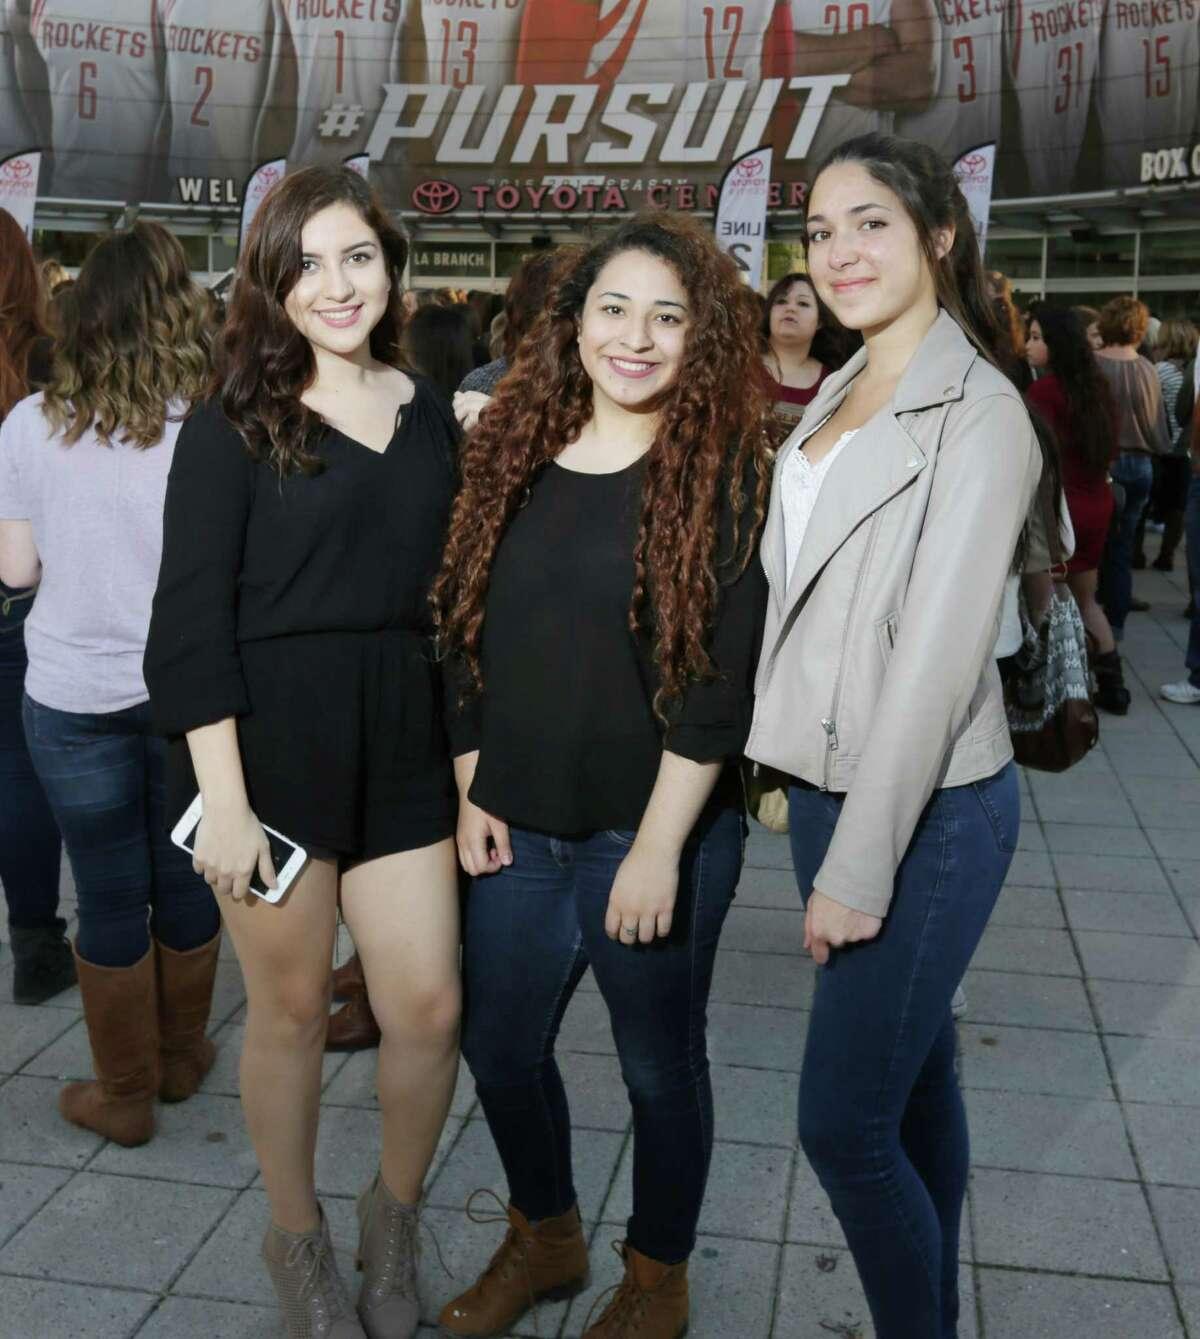 Justin Bieber fans at Toyota Center on Nov. 19.